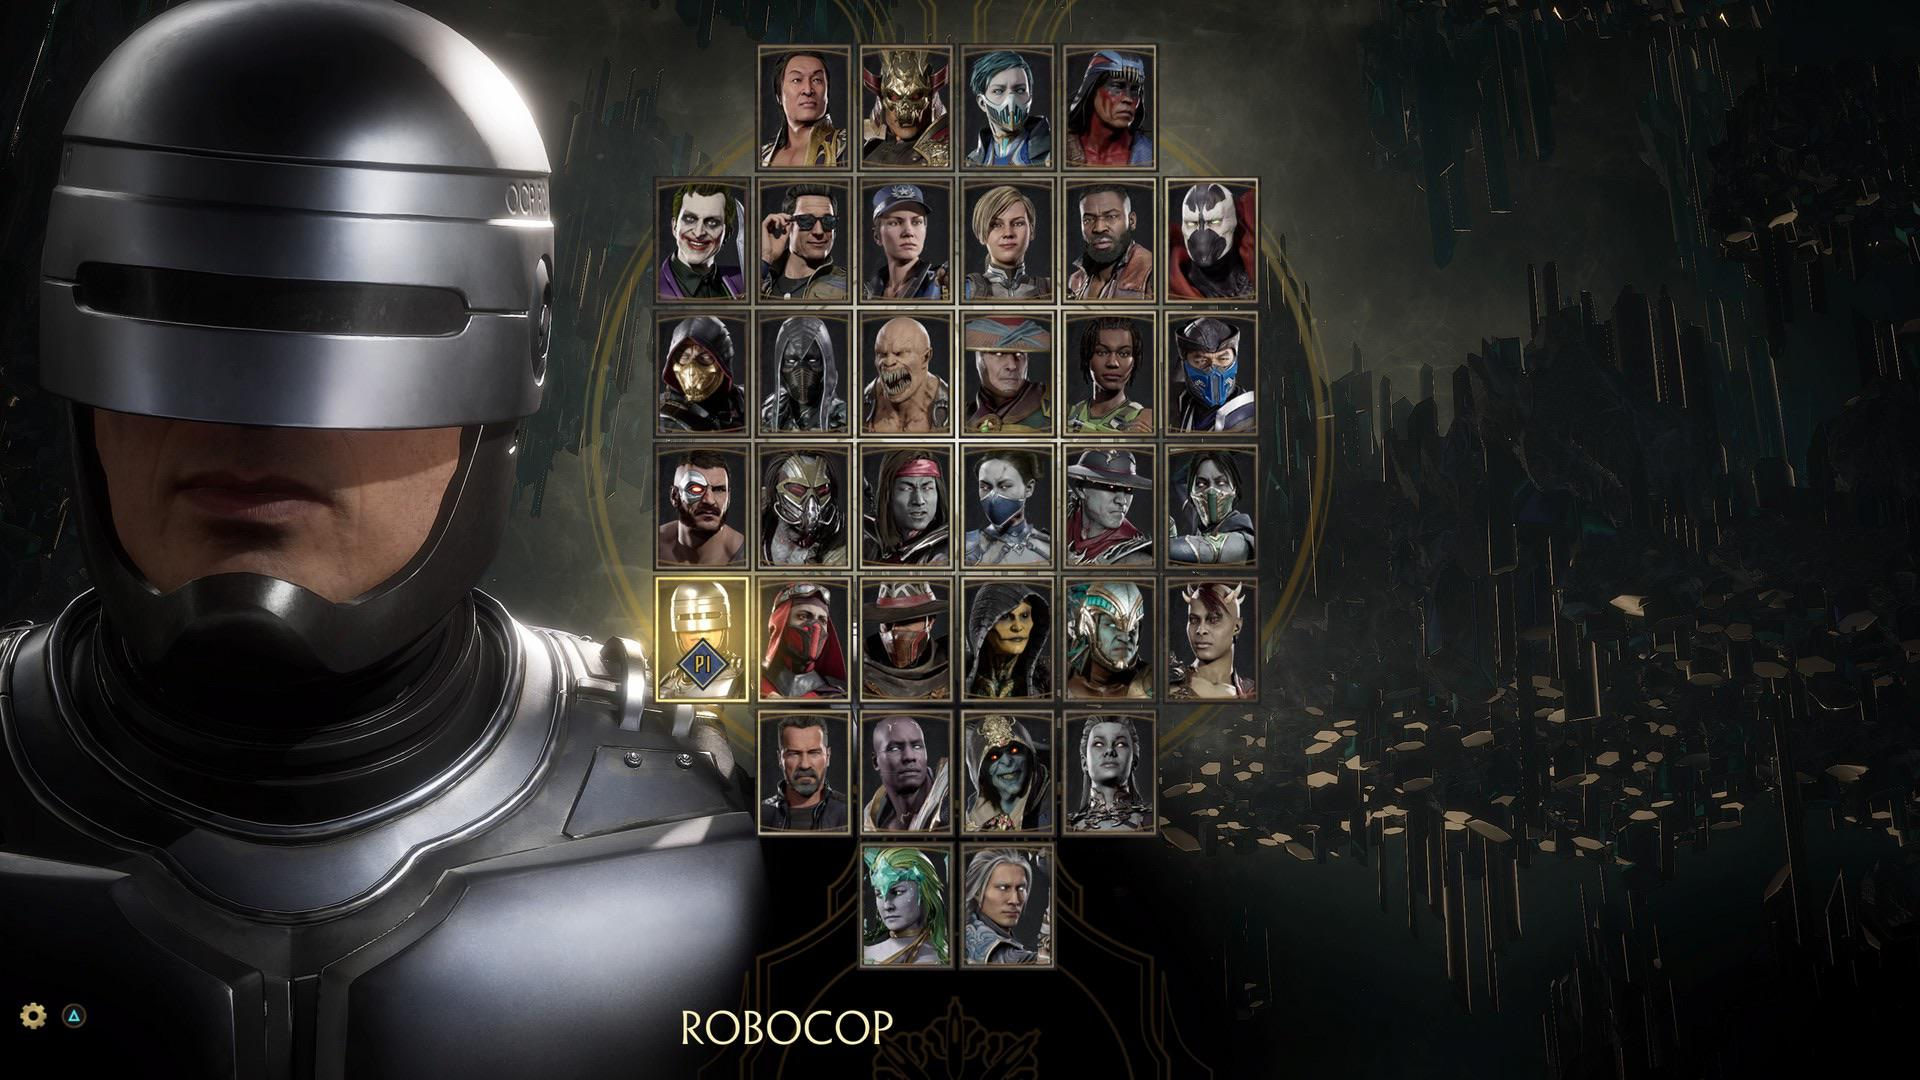 Tela de seleção de personagens em Mortal Kombat 11